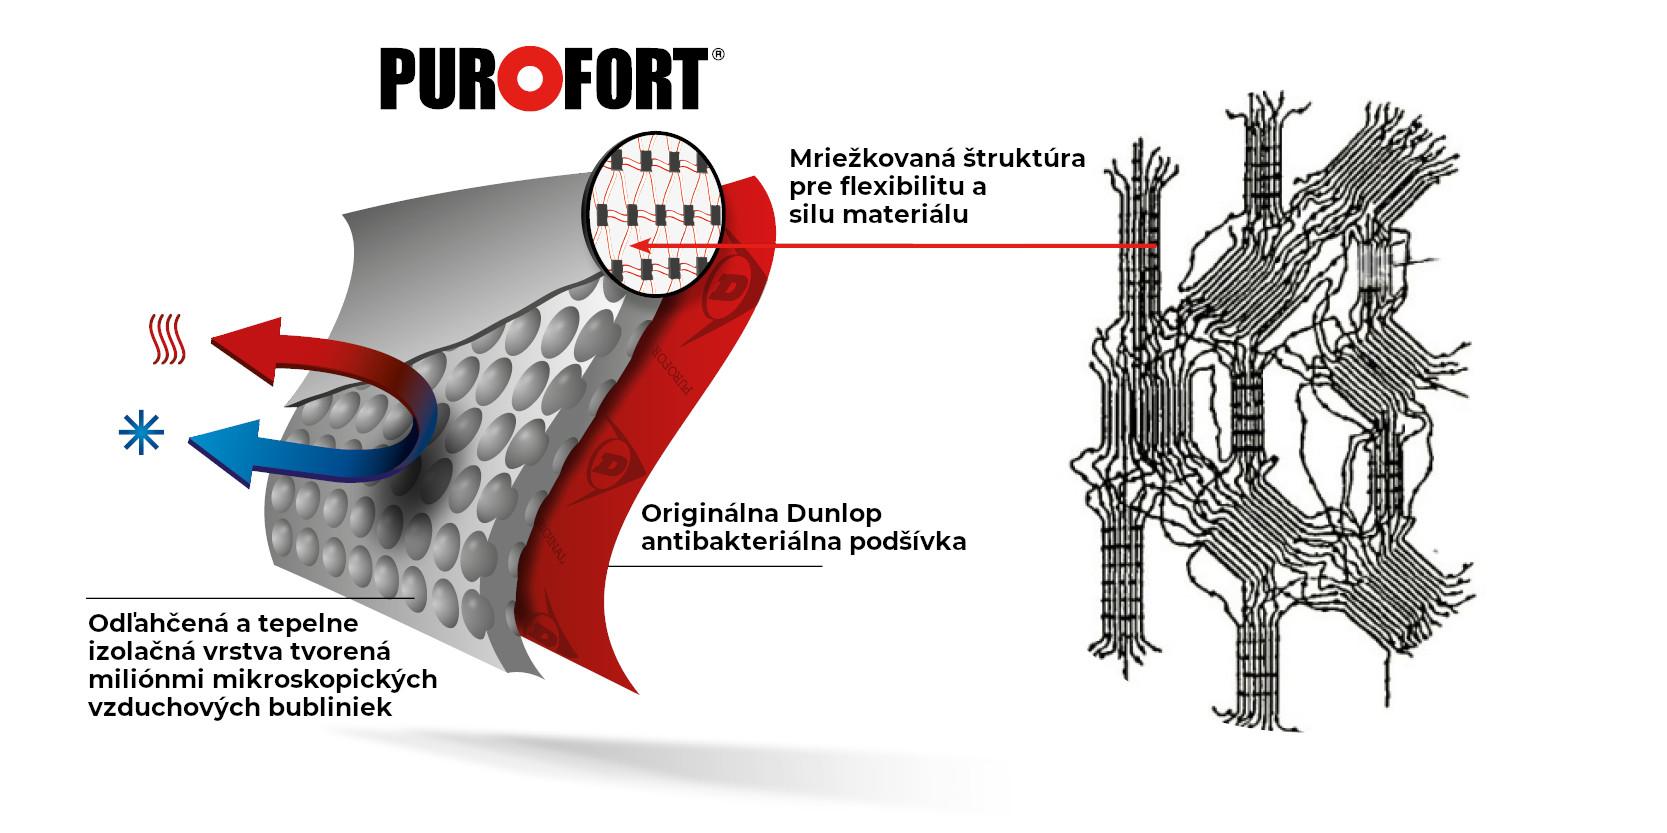 Technológia Dunlop Purofort